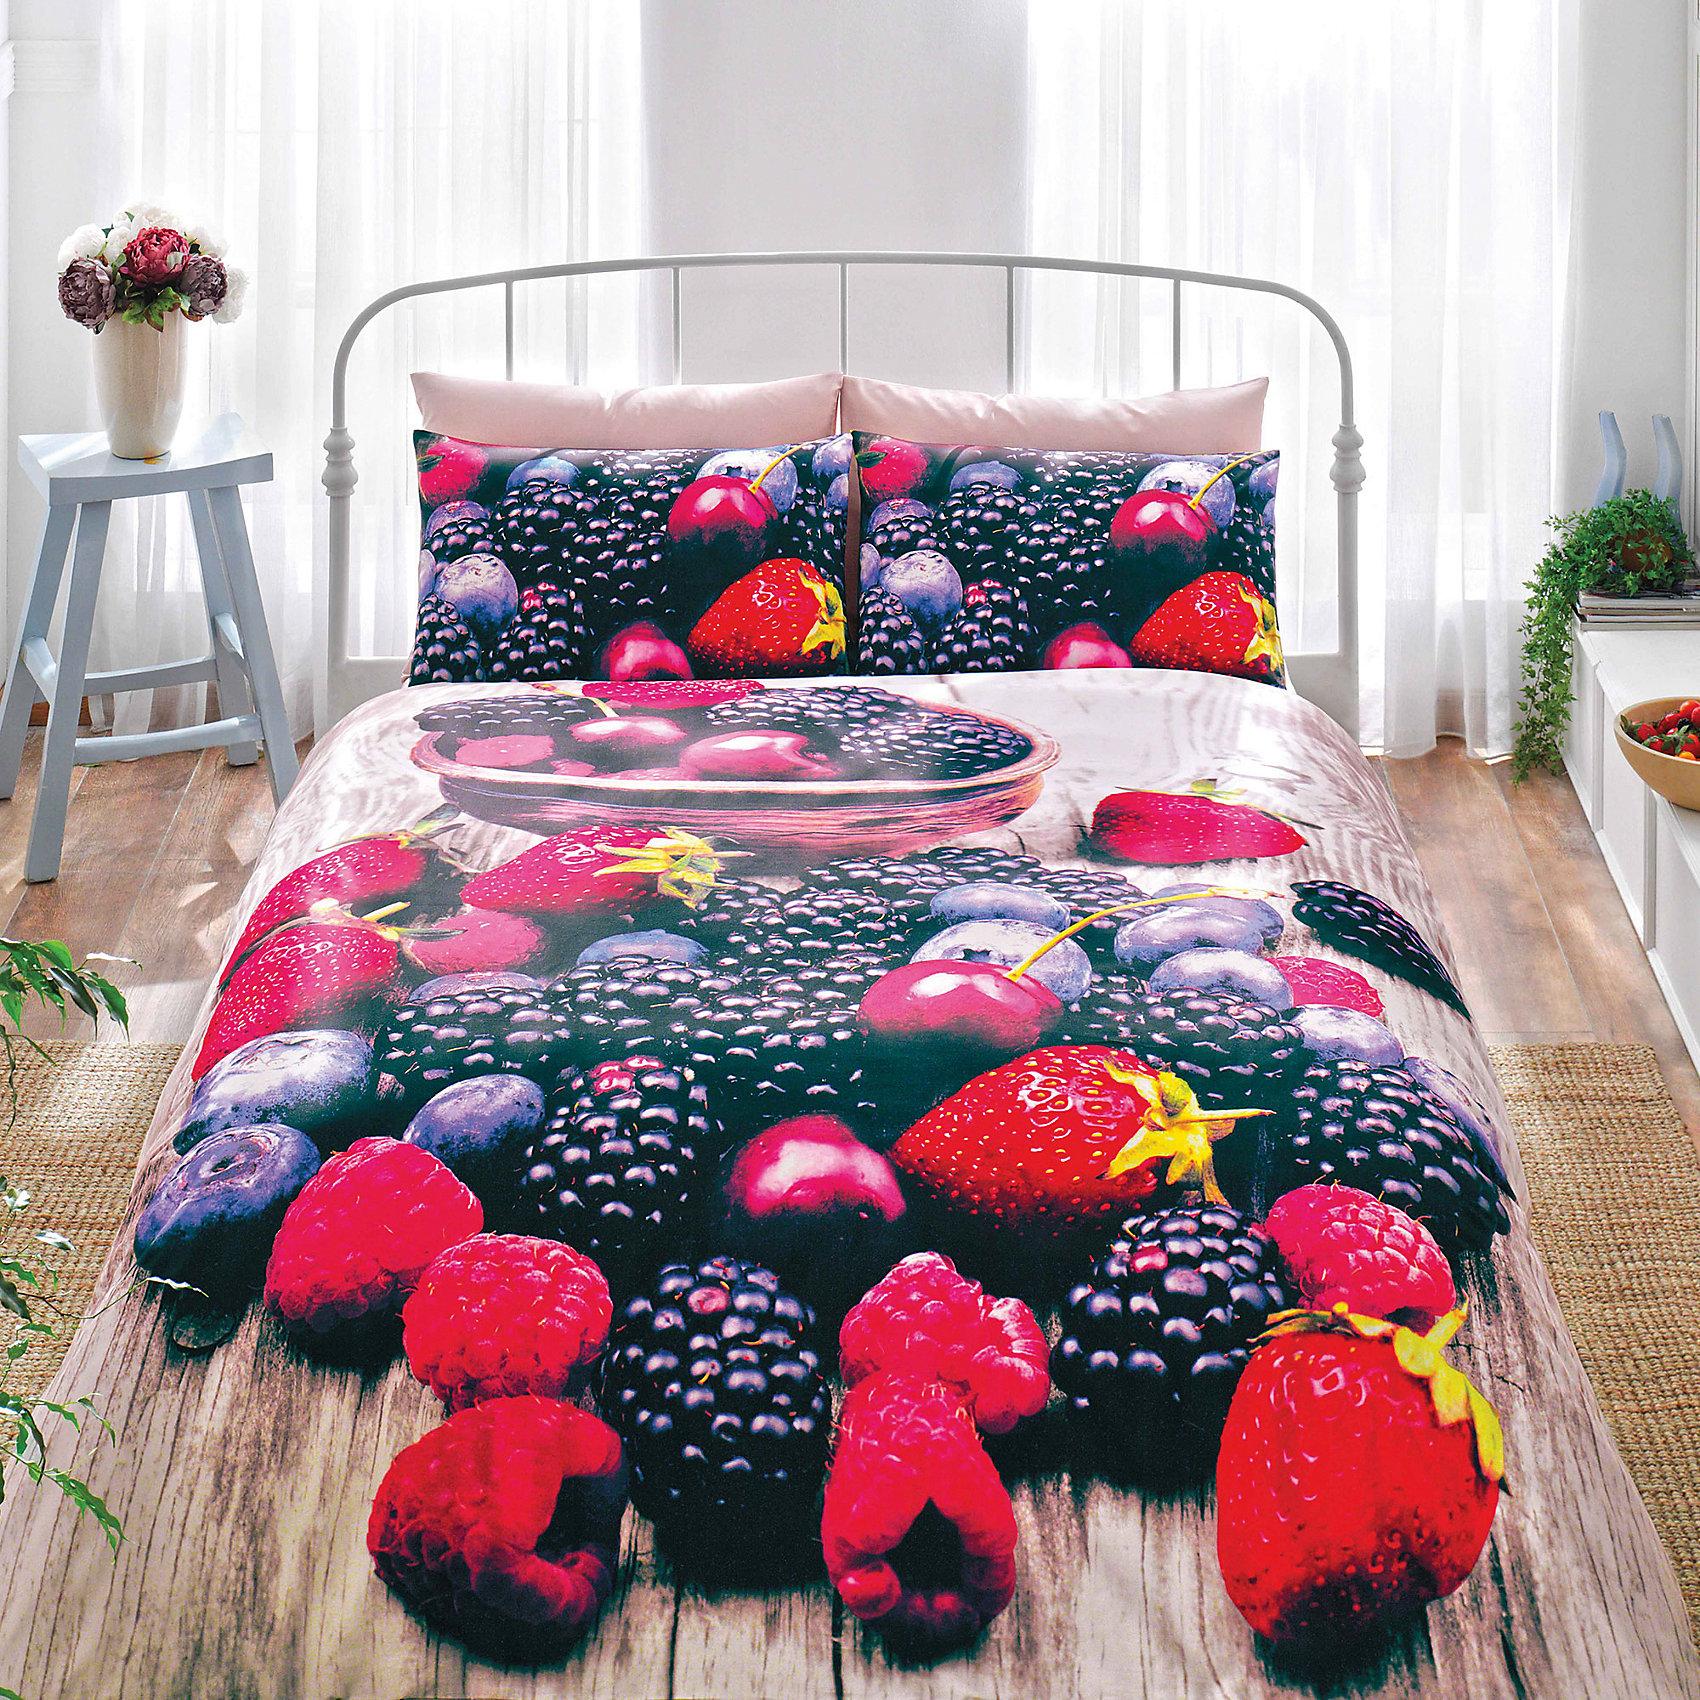 Постельное белье 1,5 сп Berry V01-KIRMIZI, 3D Saten, TAC, красныйДомашний текстиль<br>Характеристики товара: <br><br>• комплектация: пододеяльник(160х220см), наволочка 2шт. (50х70см.), простынь (180х260см);<br>• общий размер: 1.5-спальный;<br>• материал: хлопковый сатин (100% хлопок);<br>• цвет: красный;<br>• страна бренда: Турция;<br>• страна производитель: Турция.<br><br>Это постельное бельё от турецкого бренда TAC (ТАЧ) отлично впишется в интерьер. Несмотря на плотность ткани, она состоит из мельчайших волокон, что придаёт мягкость и воздушность изделию. Все материалы, которые входят в состав этого комплекта, гипоаллергенны и не вызывают неприятных ощущений. <br><br>Благодаря сильно скрученным нитям в плотной ткани материал становится гладким и немного блестящим. Такие материалы не электризуются, а наоборот способствуют улучшению сна и хорошо пропускают воздух. <br><br>Такой комплект можно смело стирать, сатин хорошо сохраняет яркость красок, даже после частых стирок рисунок не выцветает и не покрывается катышками. Рекомендуется стирать обычным порошком. <br><br>Постельное белье Berry (Берри) можно купить в нашем интернет-магазине.<br><br>Ширина мм: 370<br>Глубина мм: 70<br>Высота мм: 370<br>Вес г: 3400<br>Возраст от месяцев: 216<br>Возраст до месяцев: 1188<br>Пол: Унисекс<br>Возраст: Детский<br>SKU: 6849291